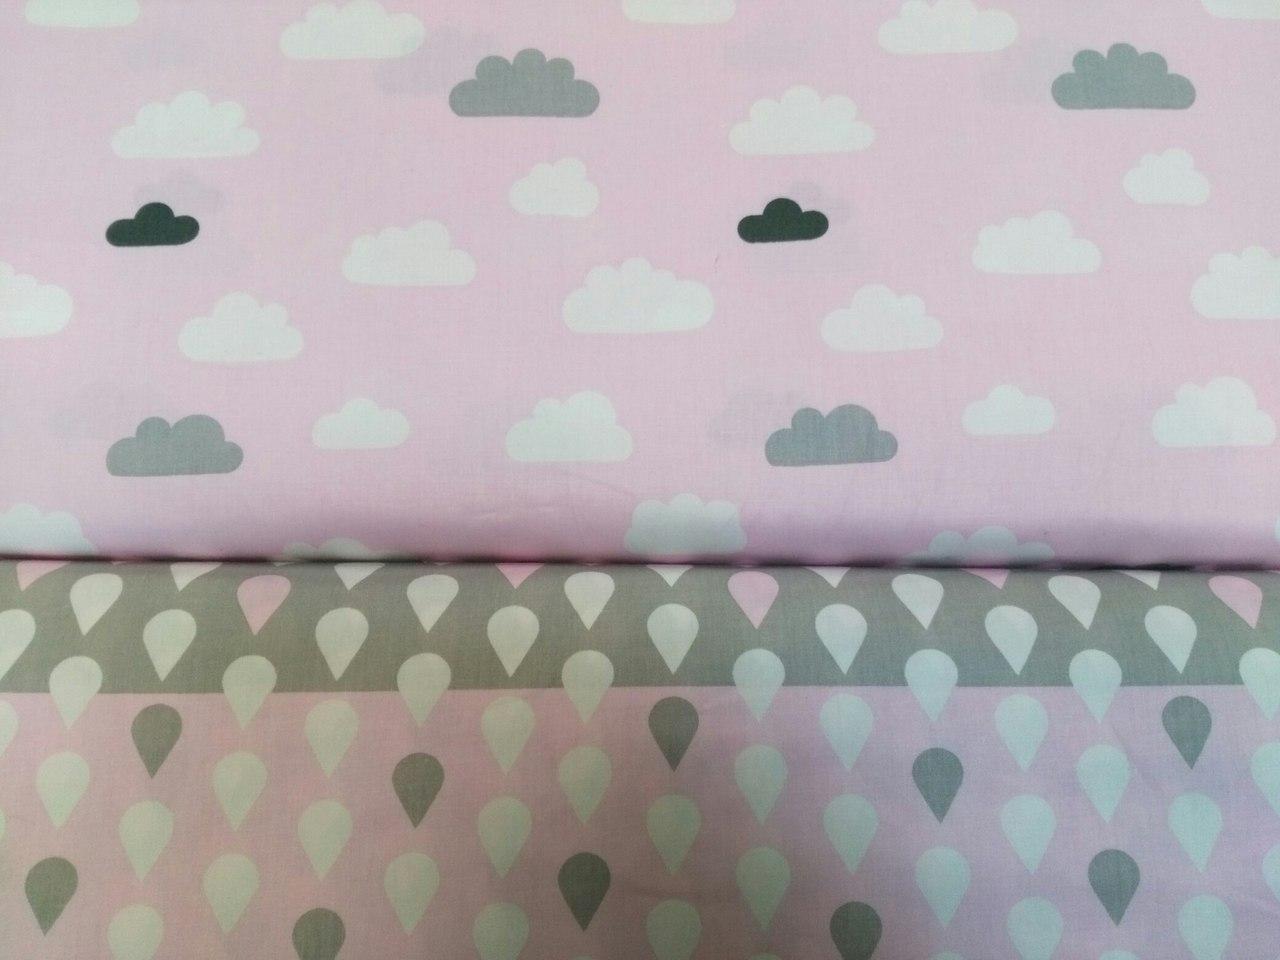 купить ткань для детского постельного белья в розницу интернет магазине